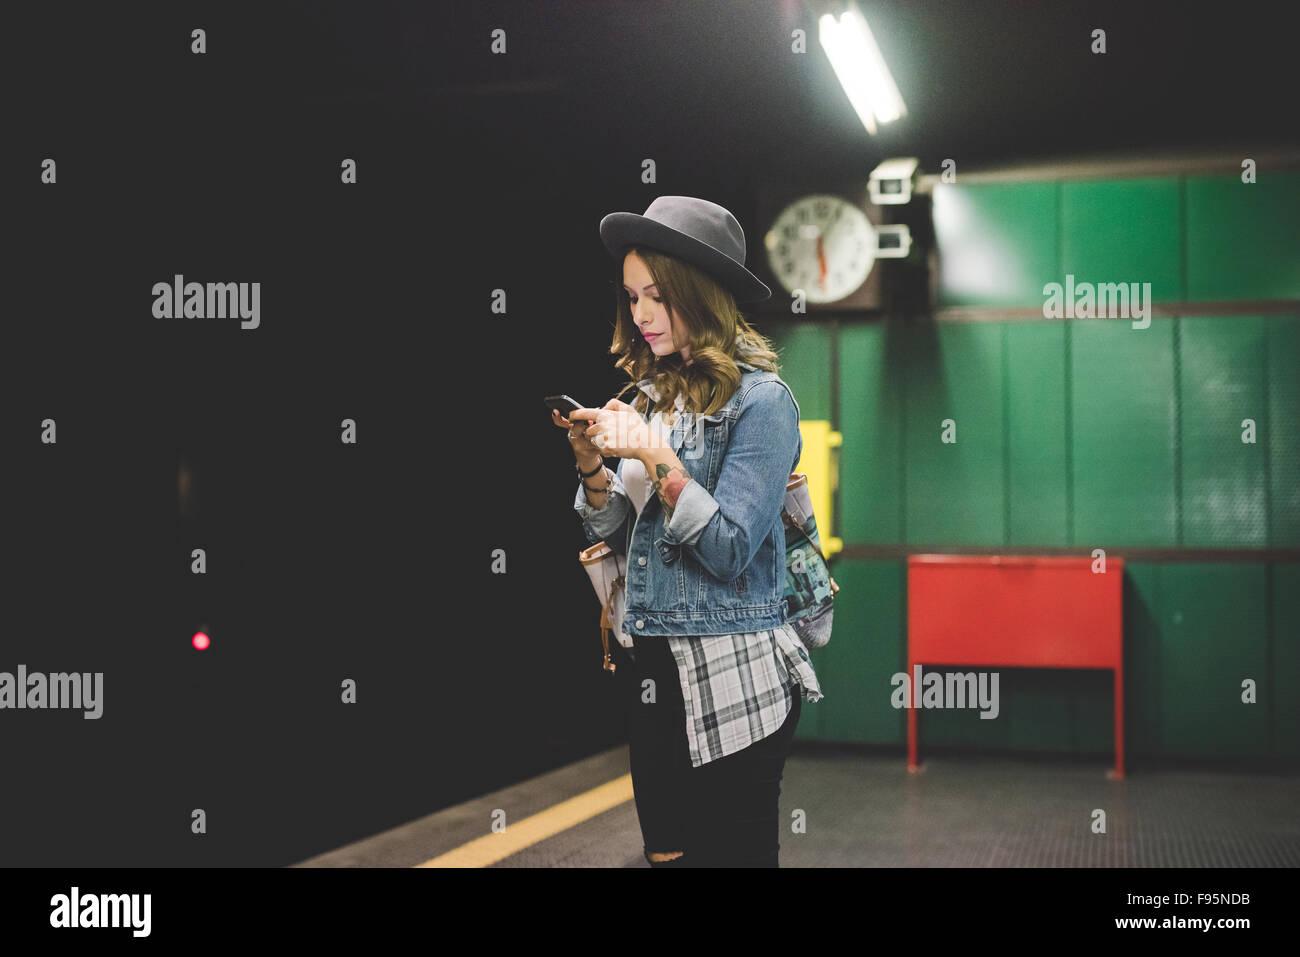 Junge hübsche kaukasischen blonde glatte Haare Frau wartet im Untergrund für Rohr mit Smartphone auf der Stockbild